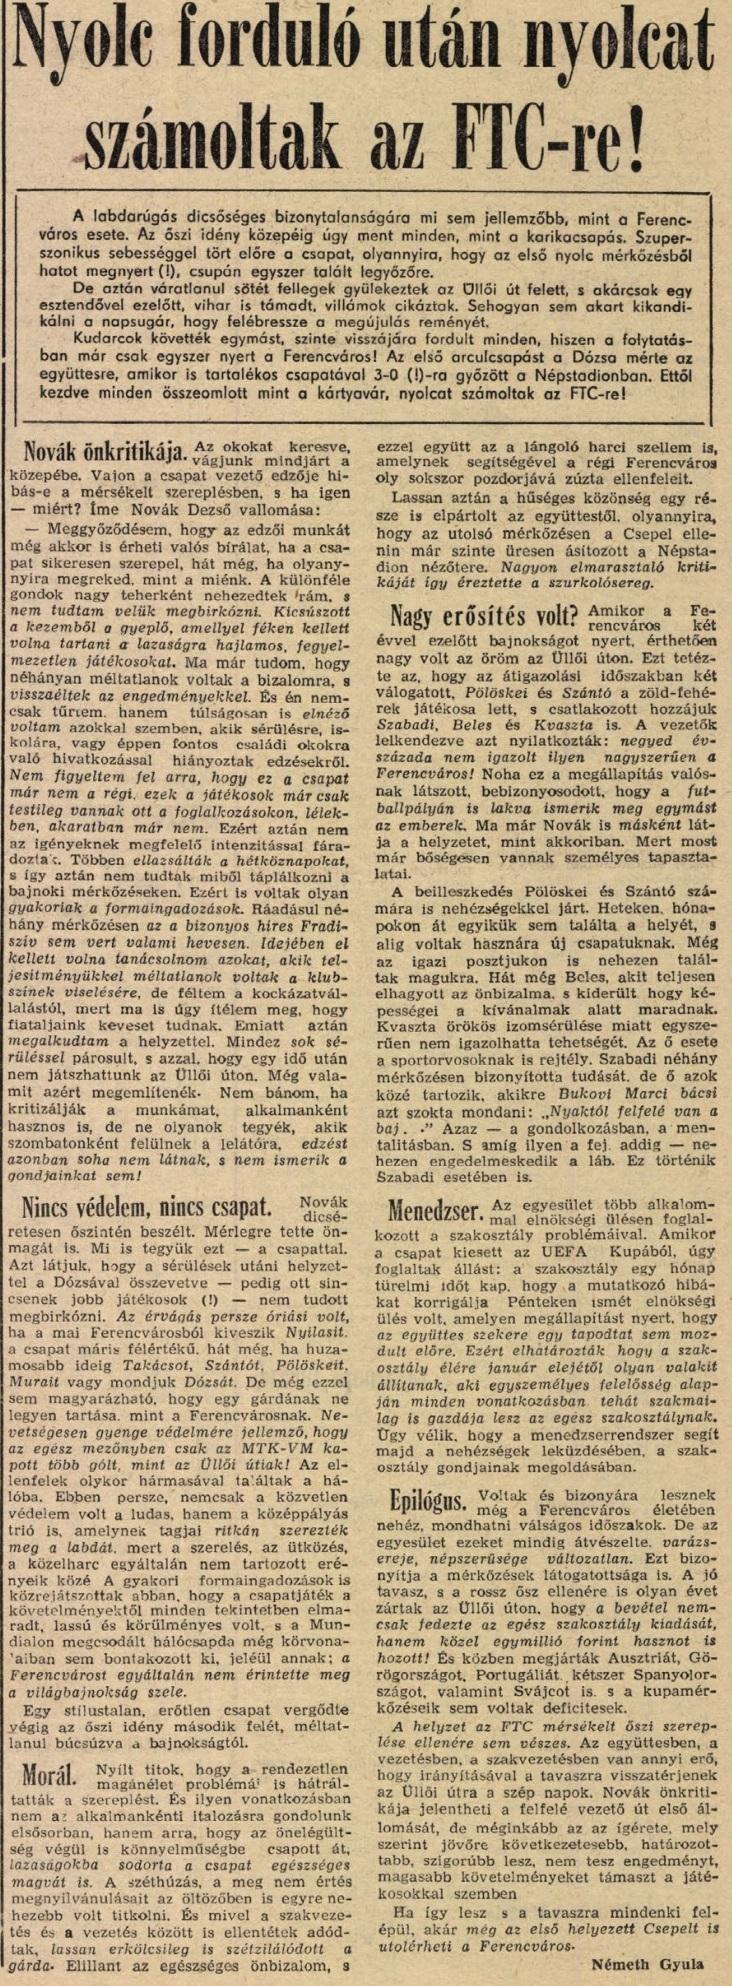 idokapszula_nb_i_1982_83_oszi_zaras_merlegen_a_felsohaz_6_ferencvaros.jpg